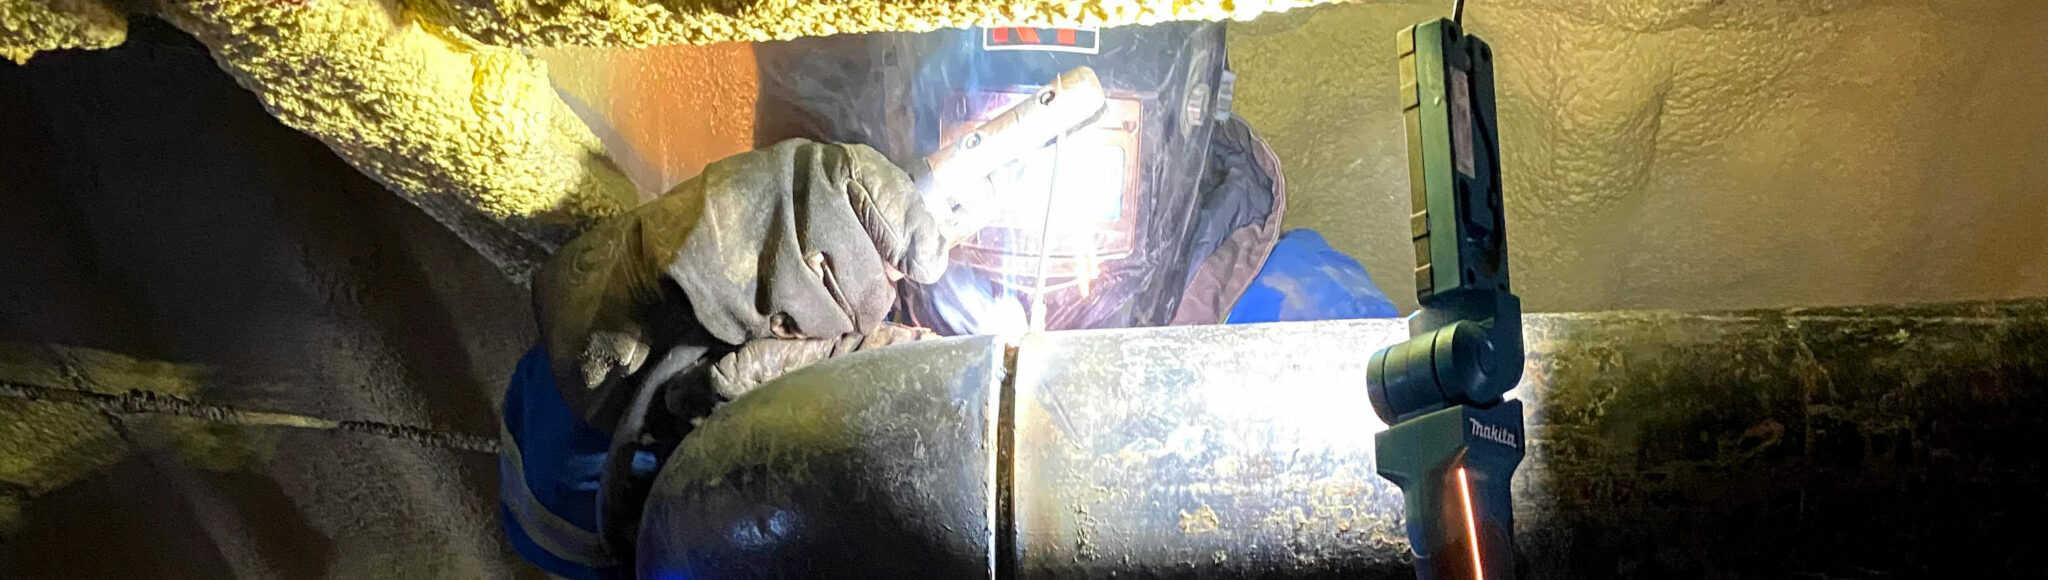 Man welding, banner